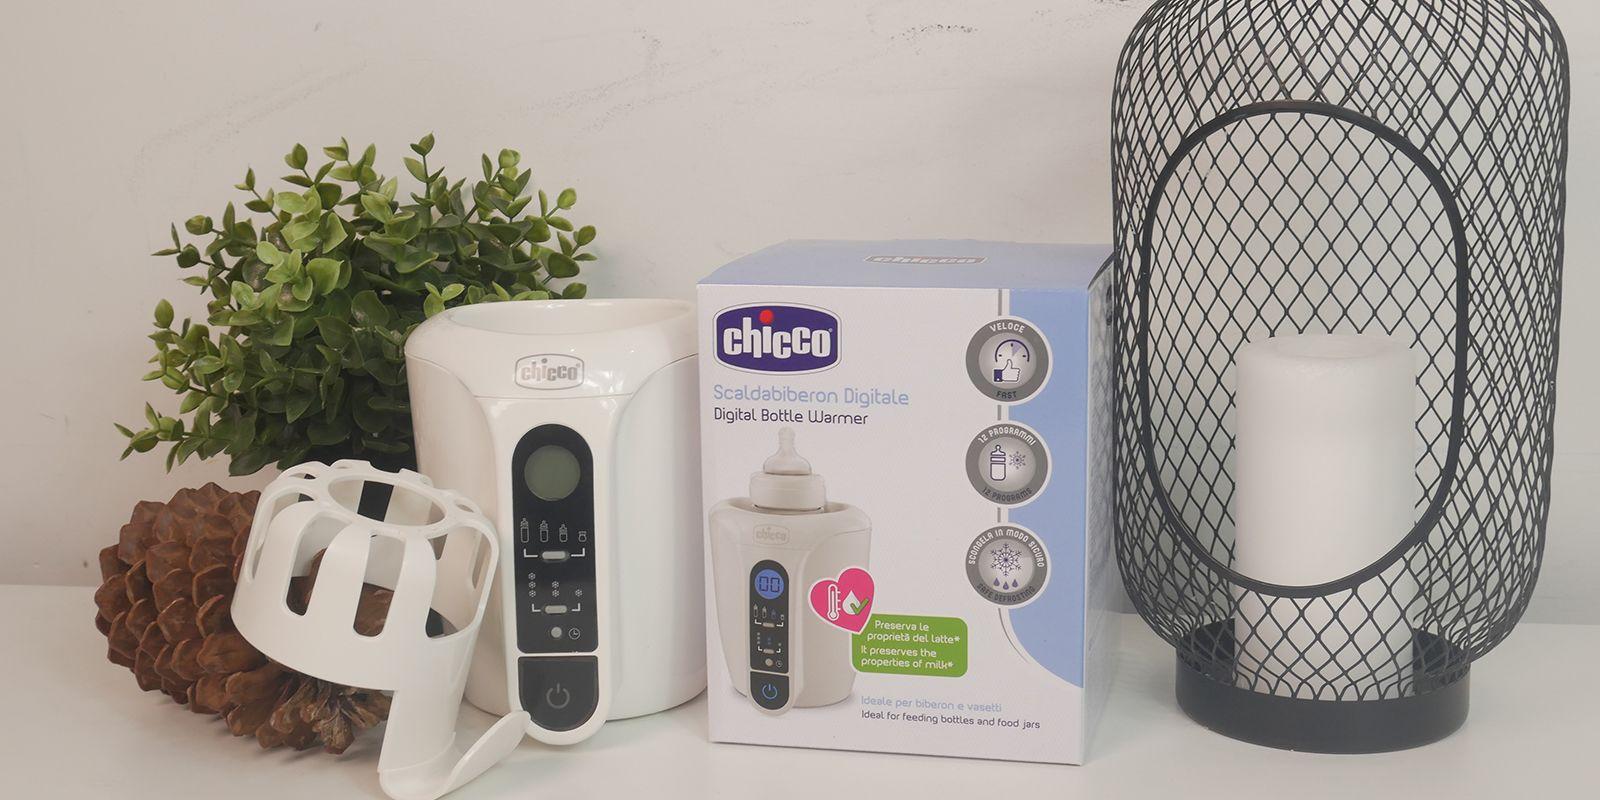 Chicco Digital Bottle Warmer